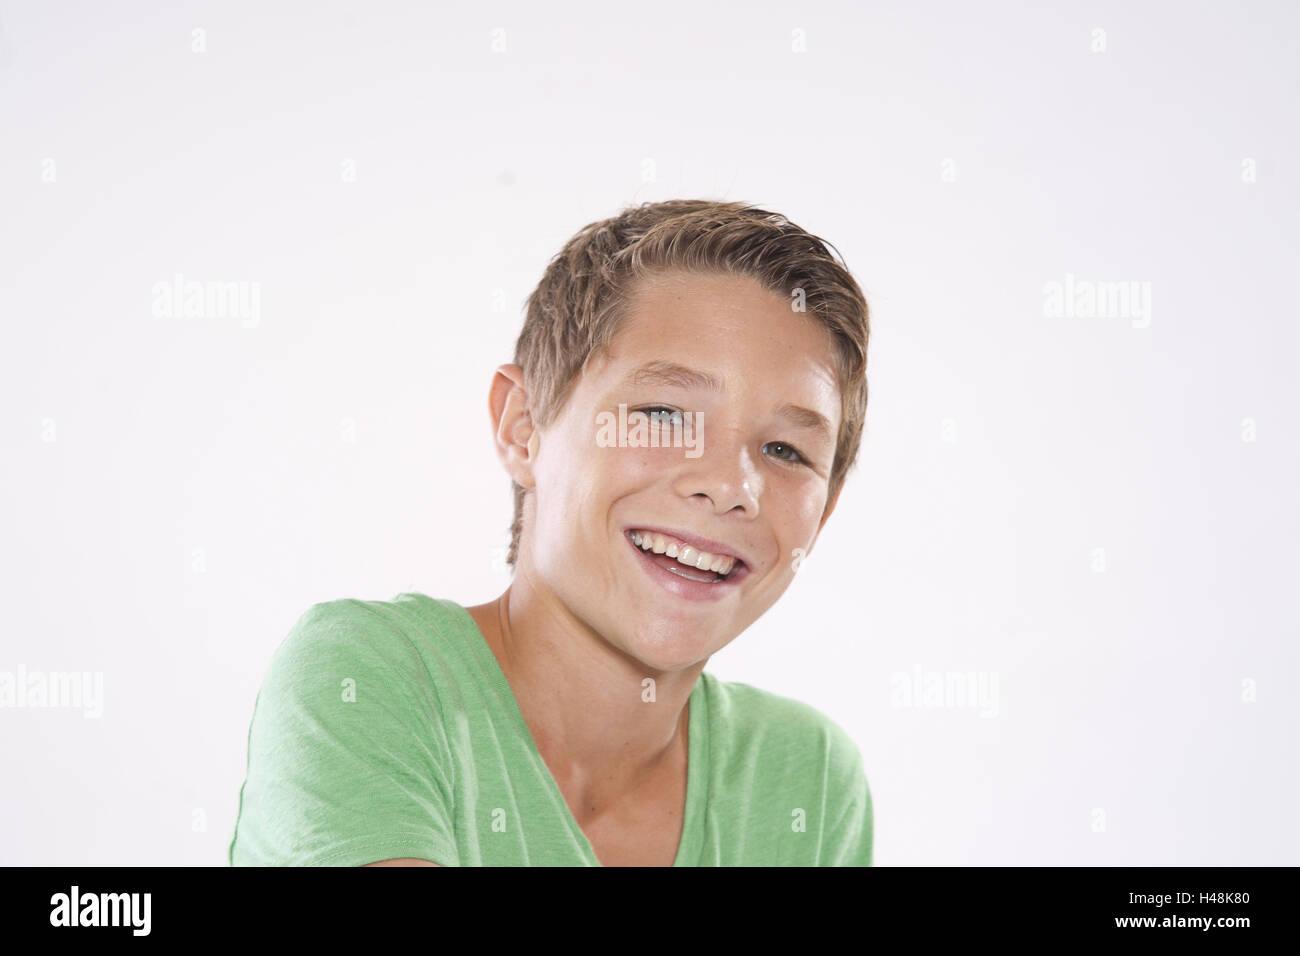 Ragazzo adolescente, ritratto, Immagini Stock